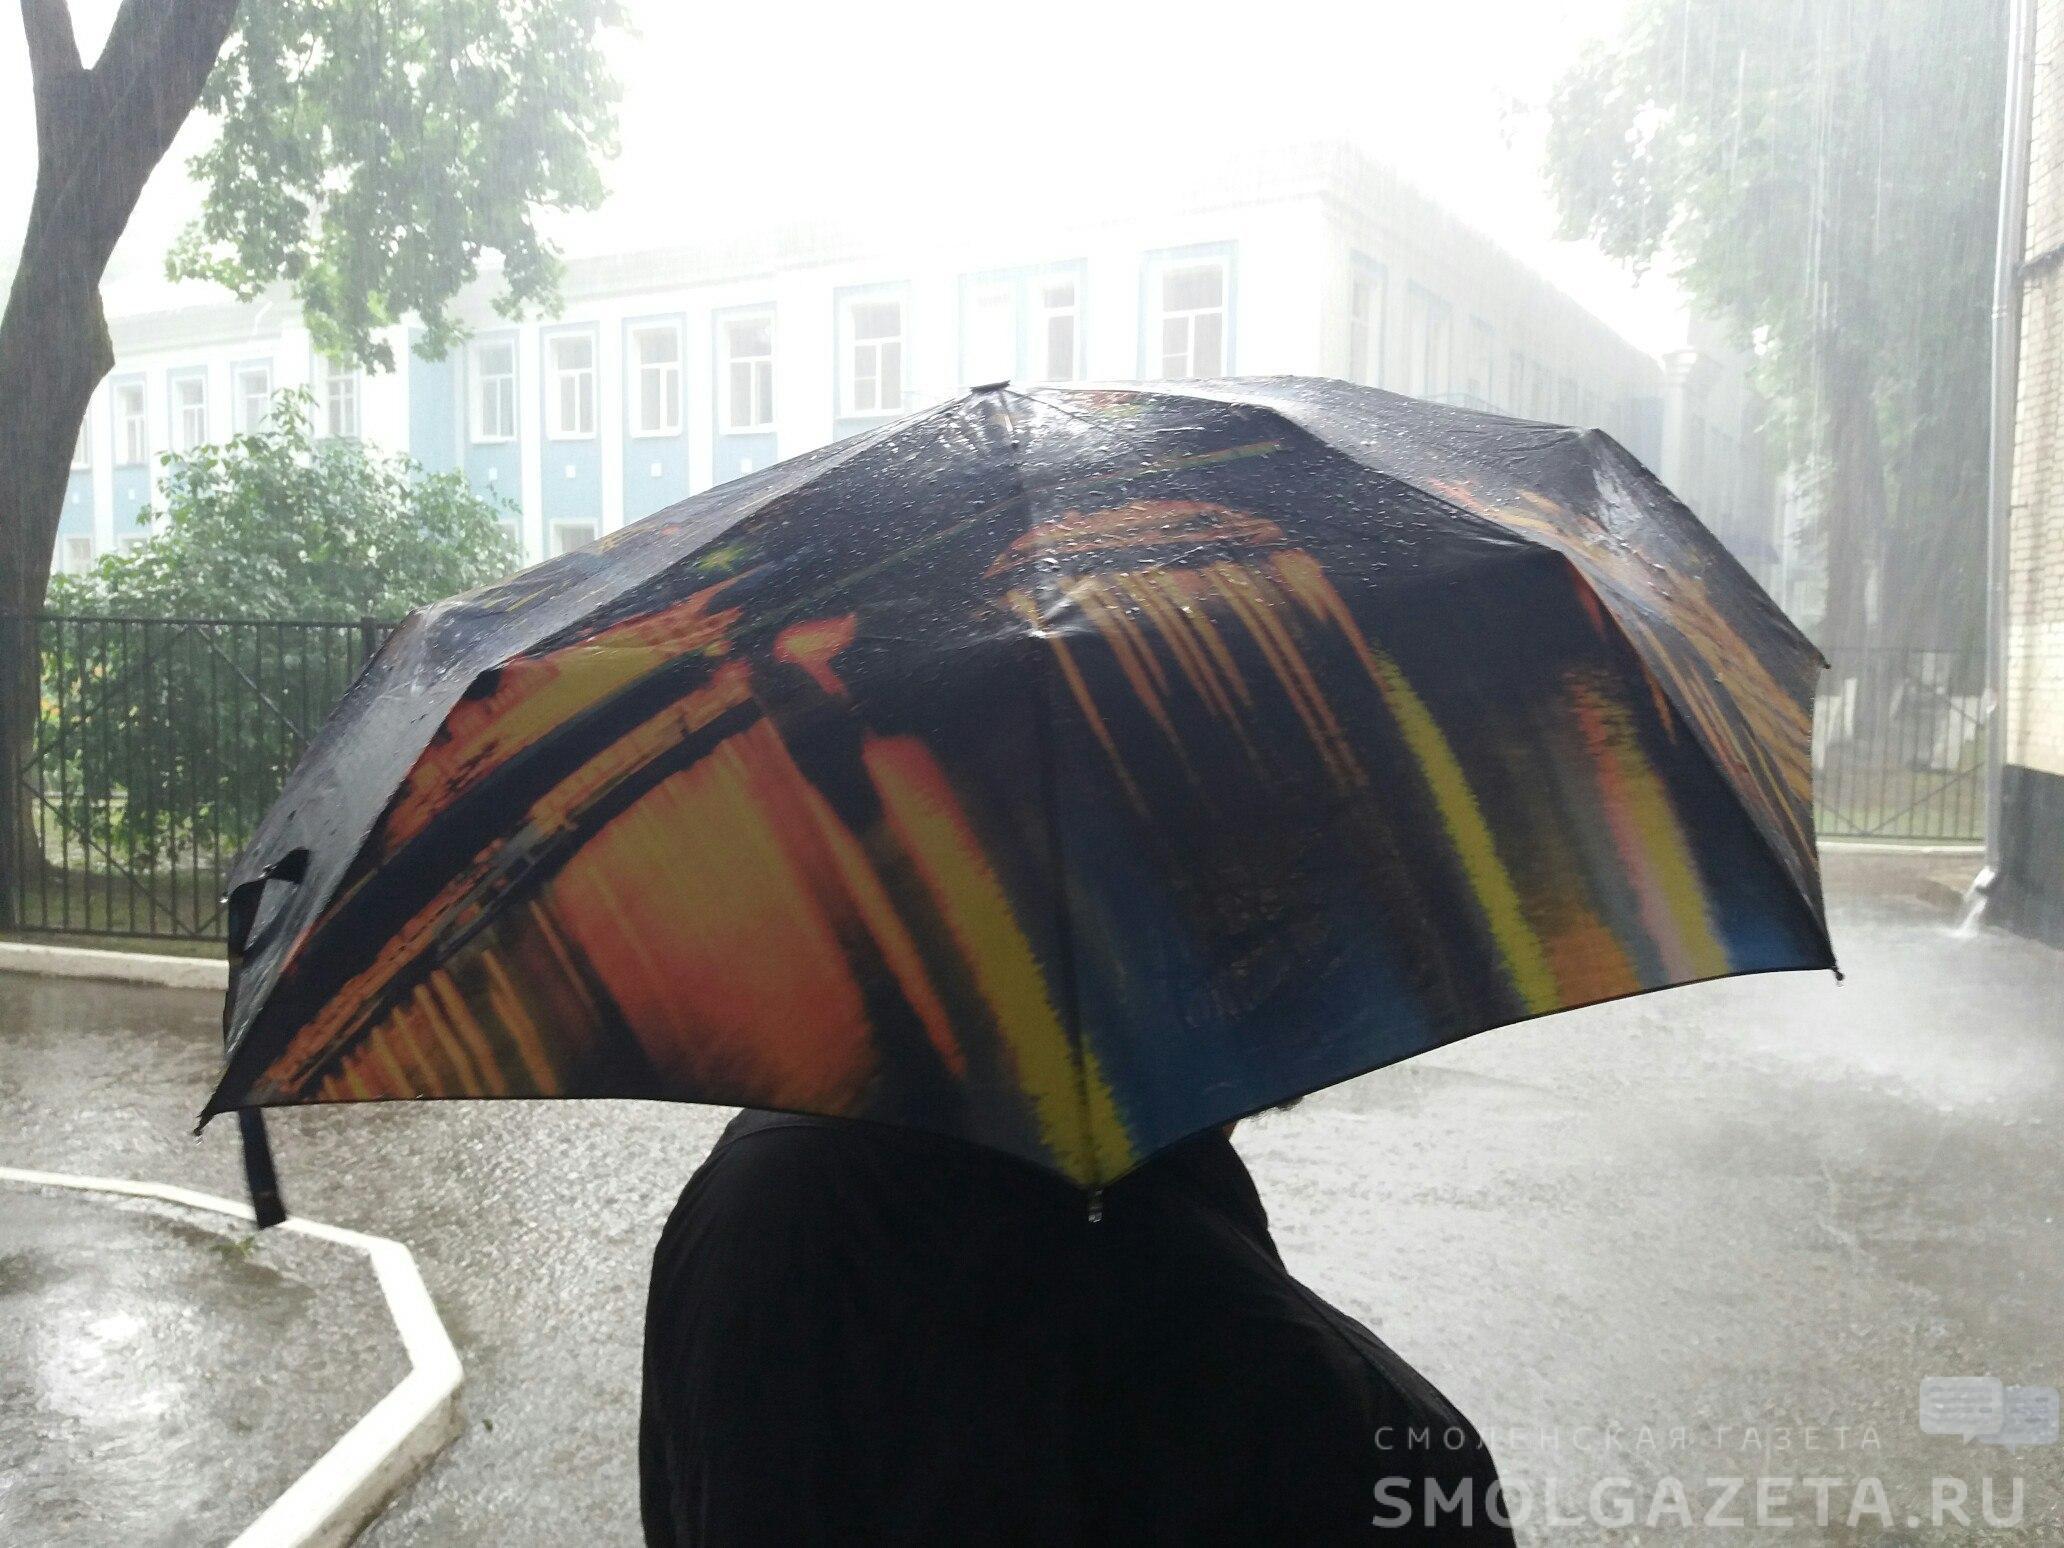 Погода в Смоленске продолжает портиться